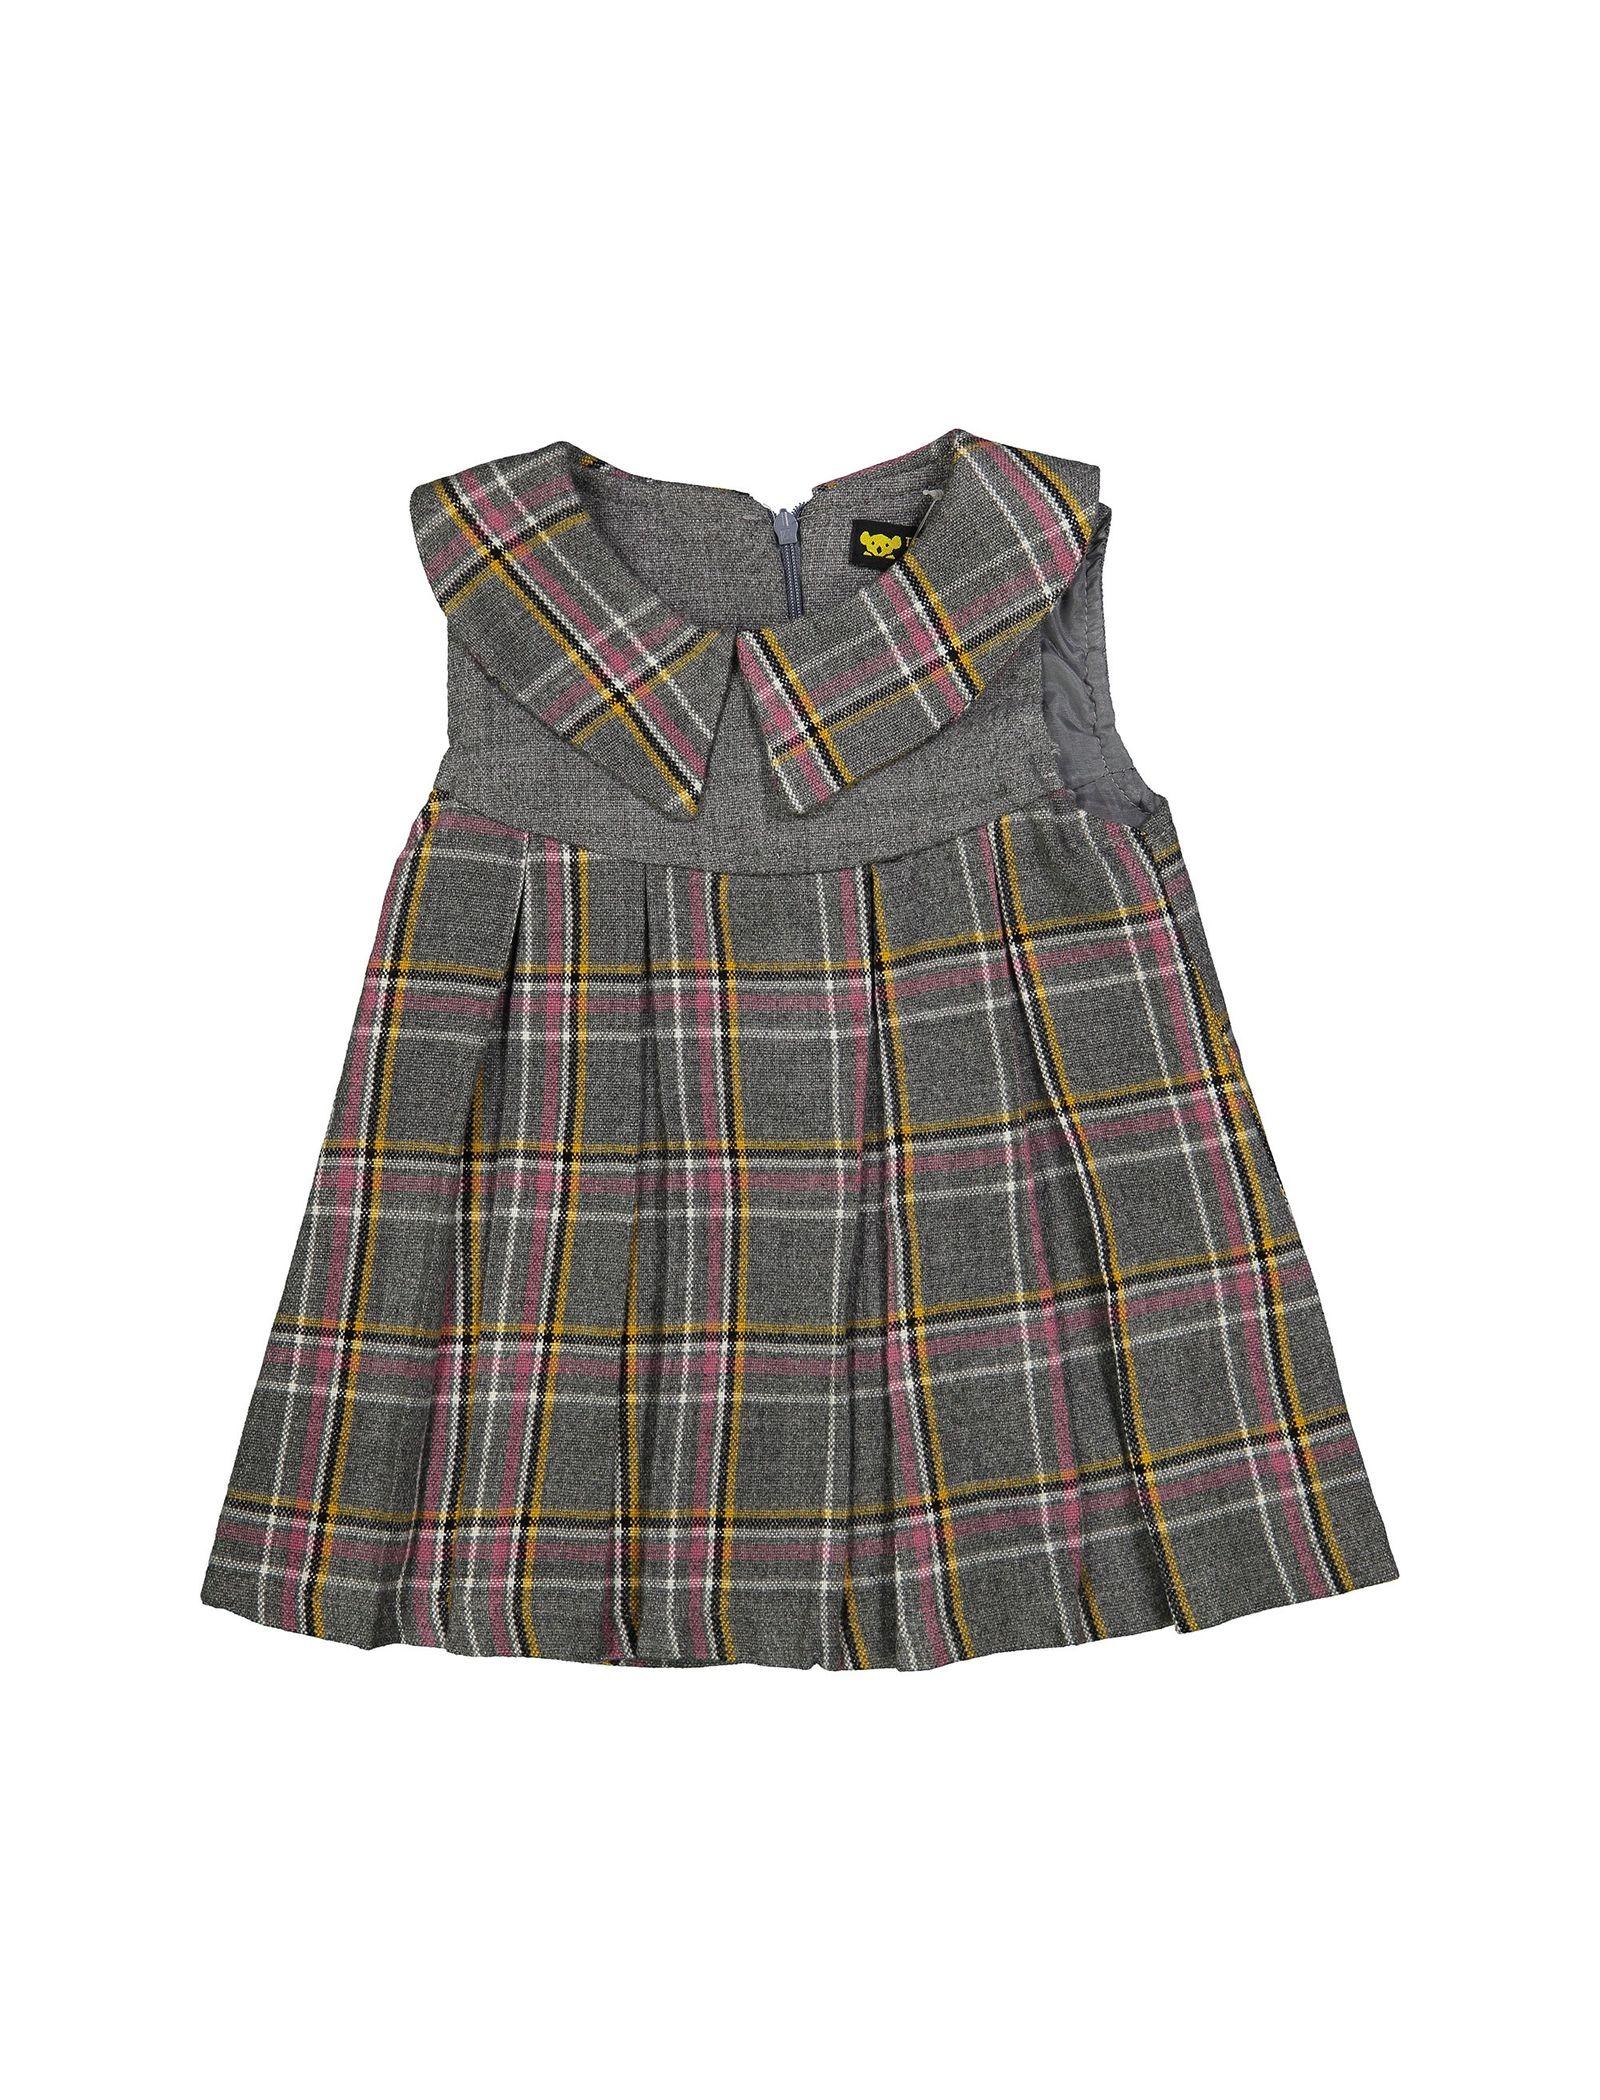 پیراهن روزمره دخترانه مدل 971 - تدی بیر - طوسي - 1